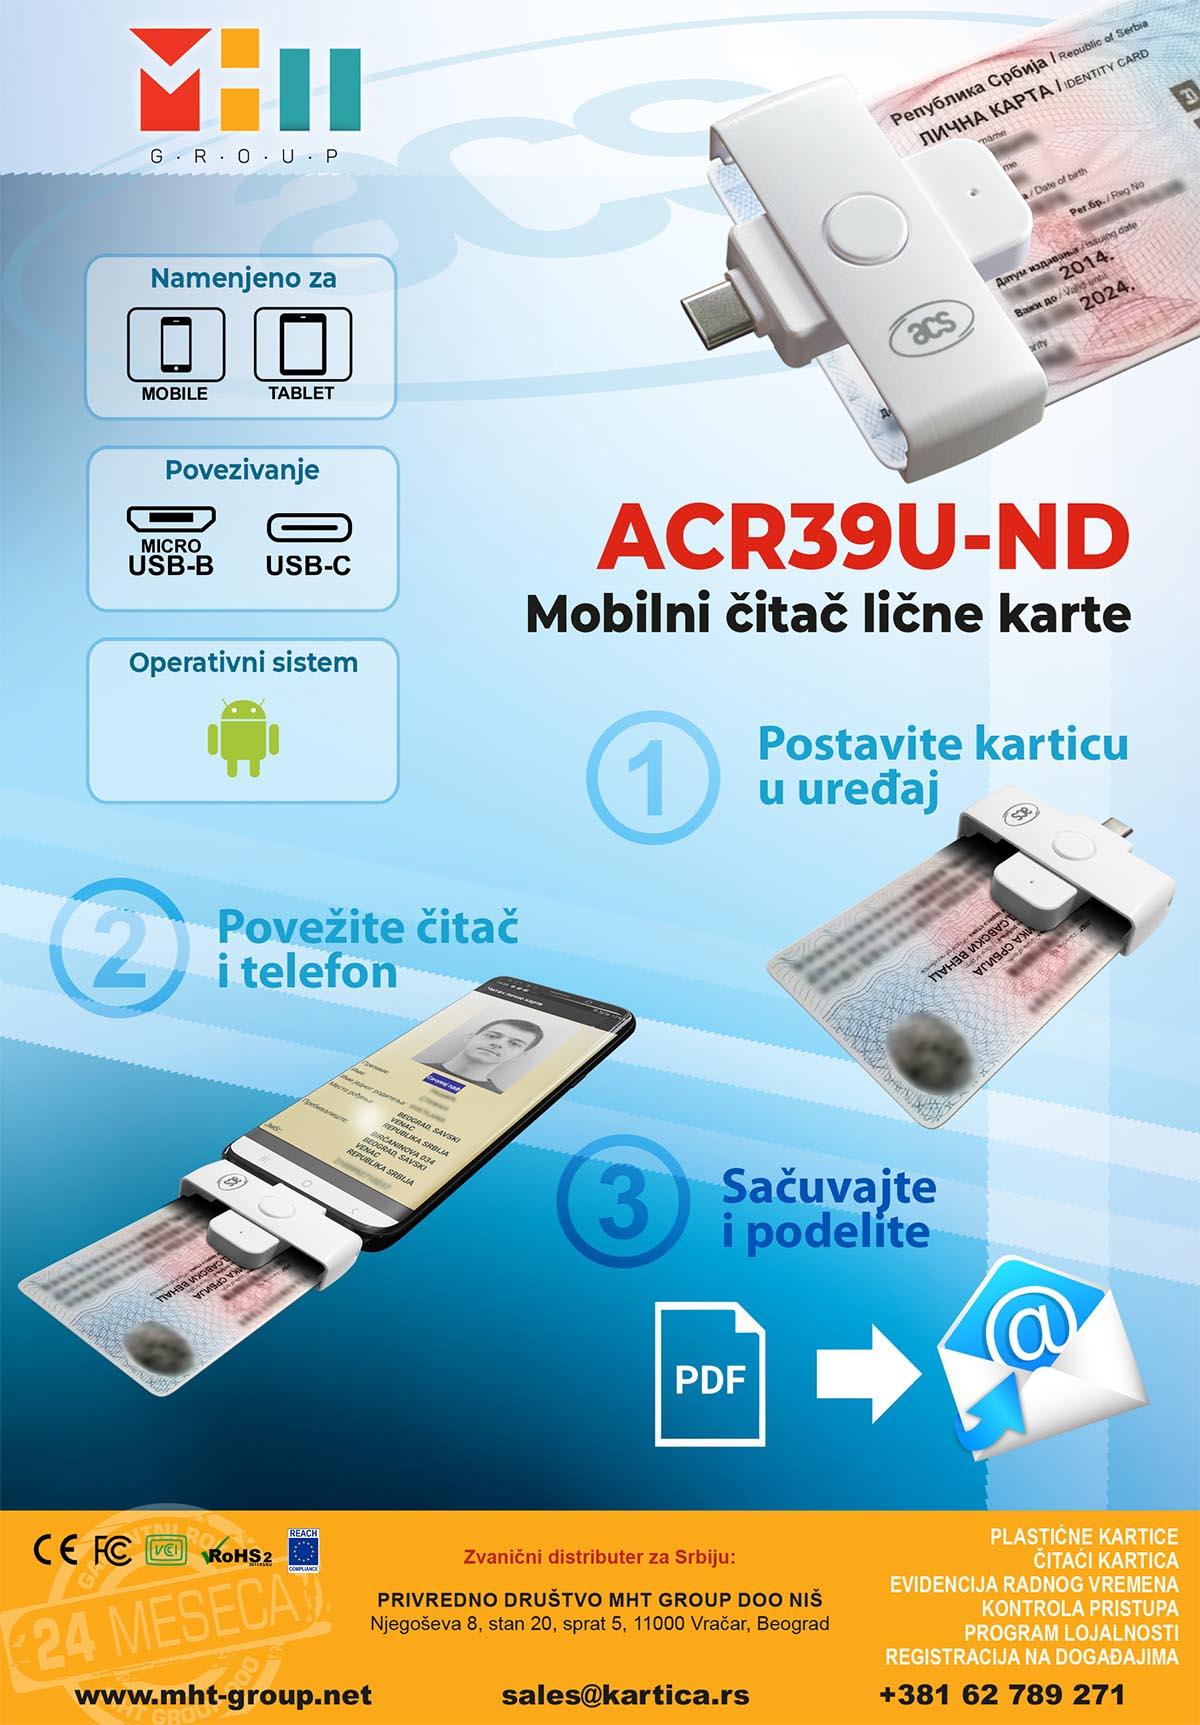 PocketMate Mobilni čitač lične karte sa MicroUSB povezivanjem